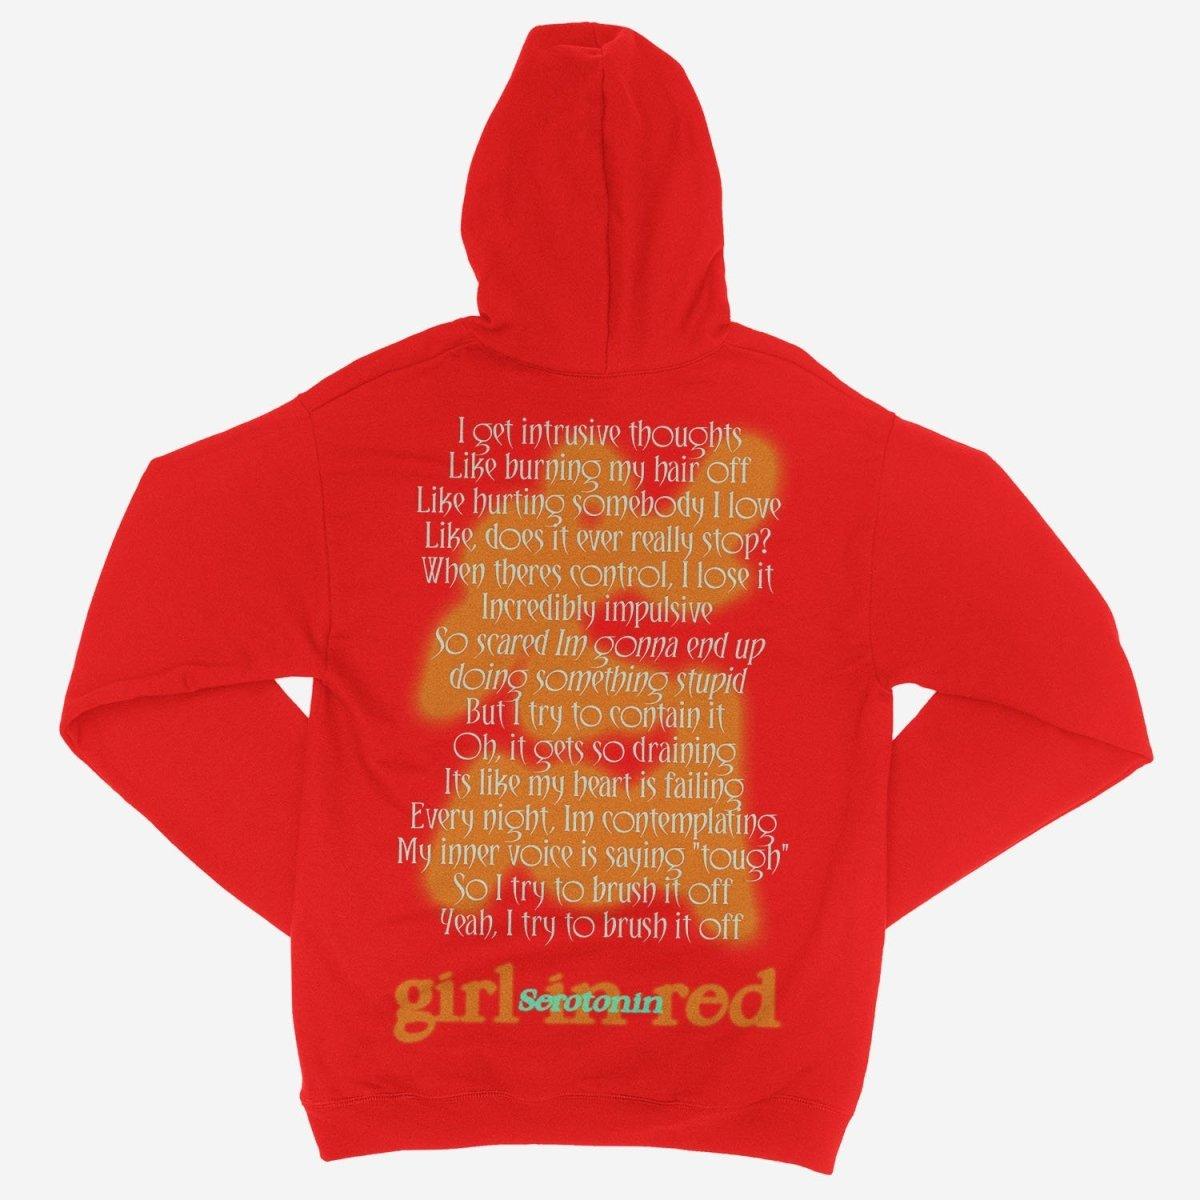 girl in red - Serotonin Red Unisex Hoodie